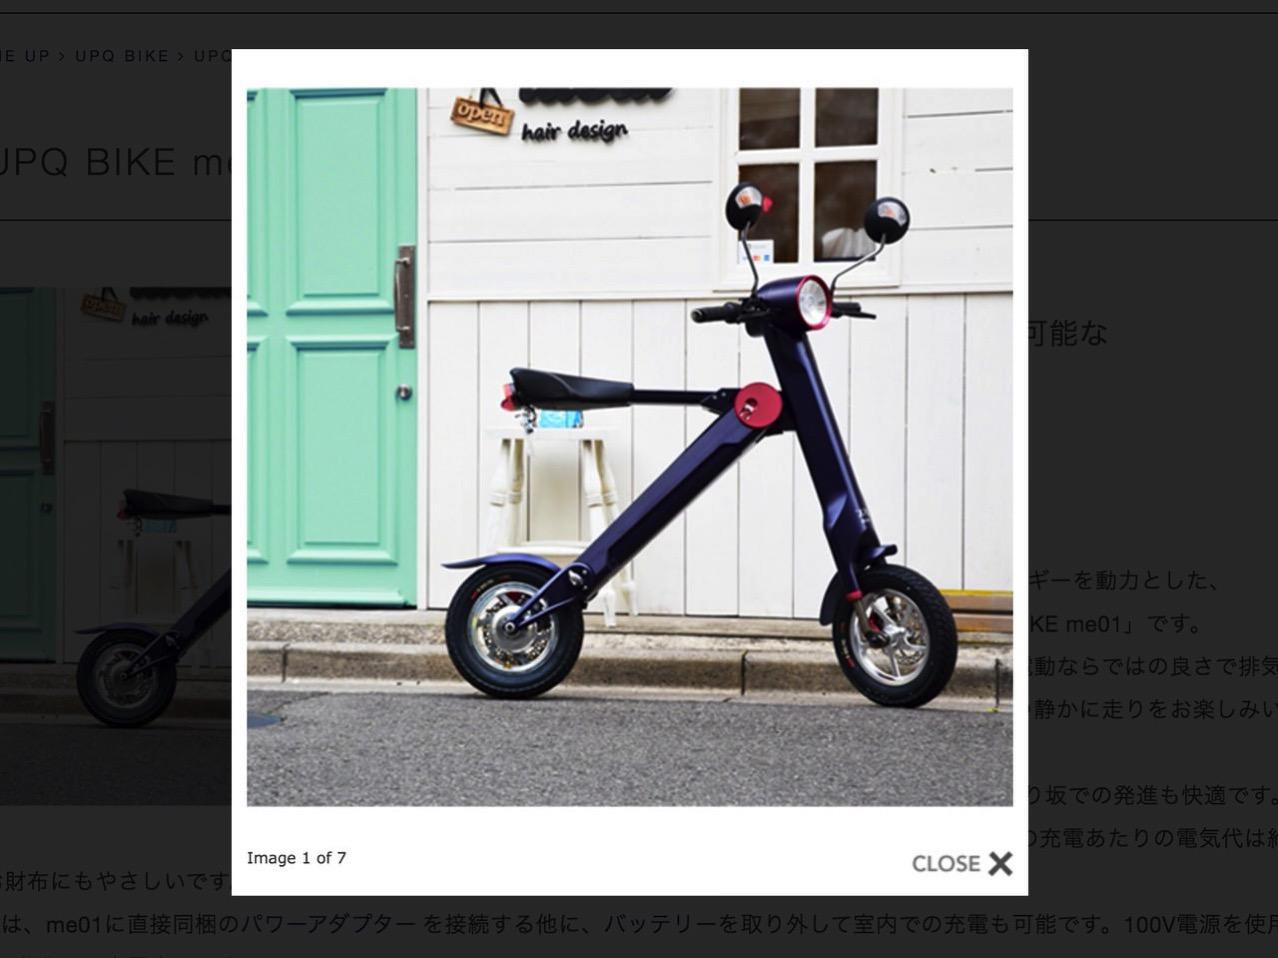 Upq bike 1006